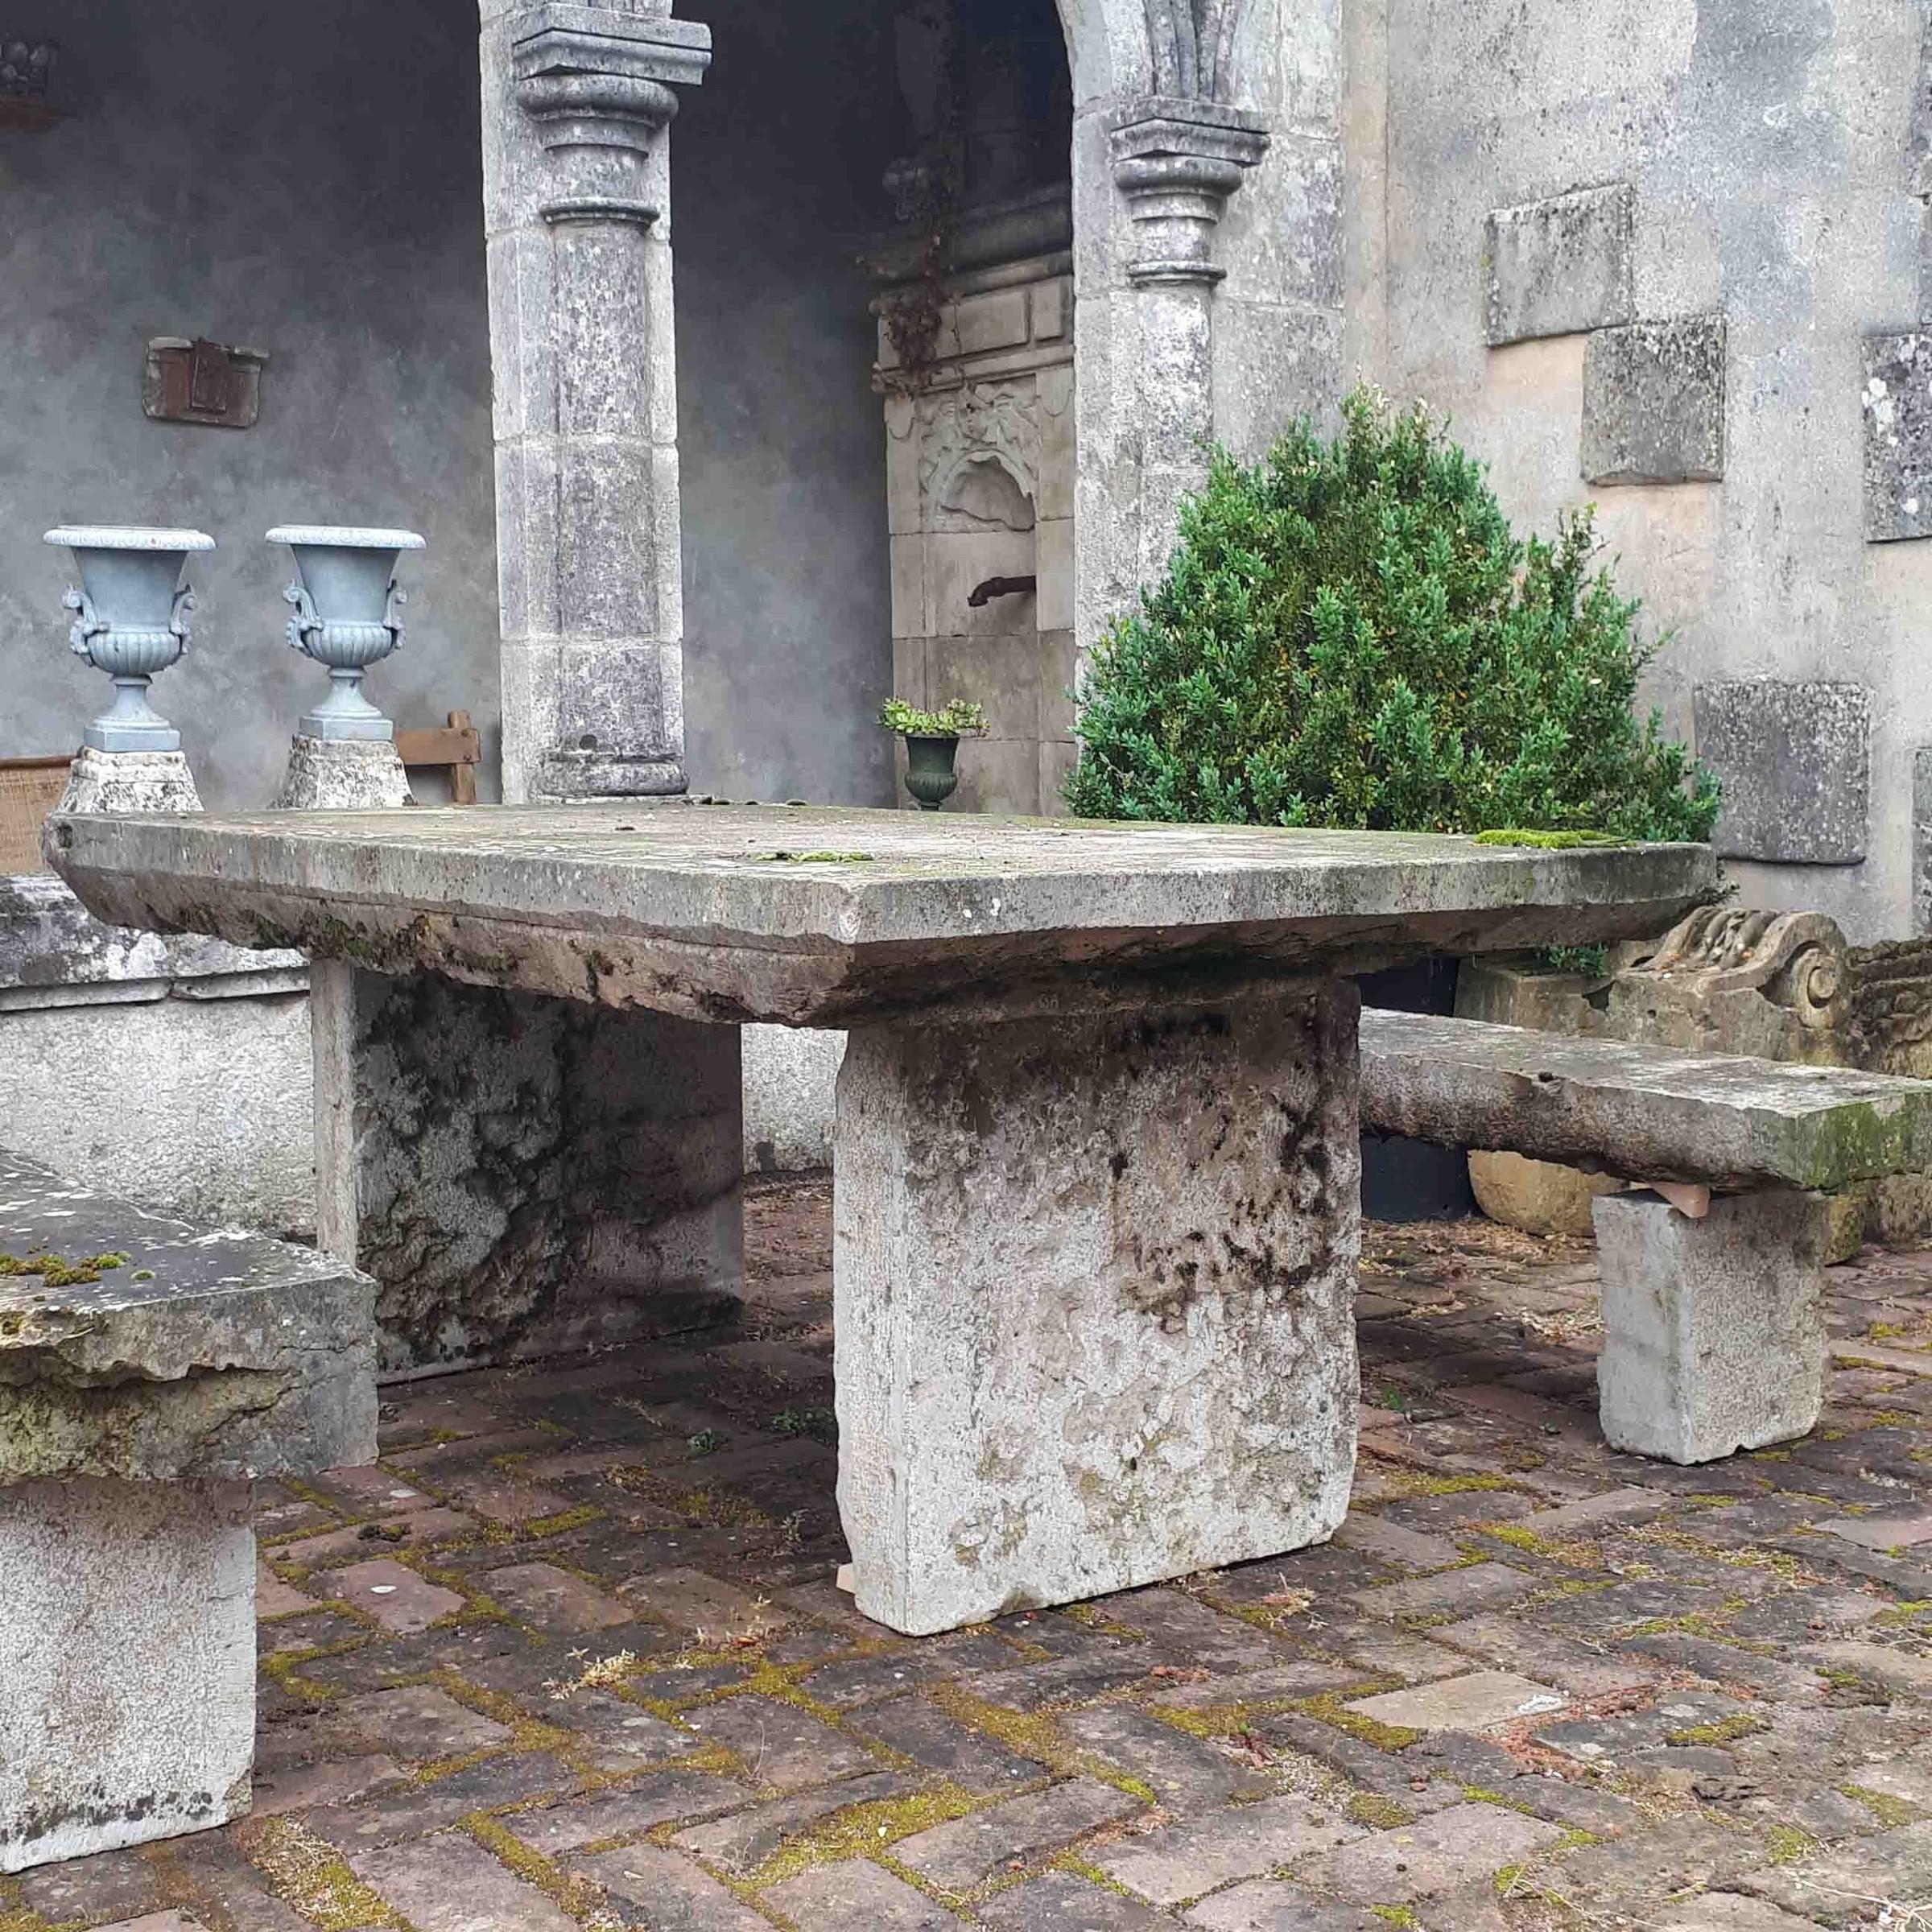 Oude natuurstenen tuintafel met bankjes